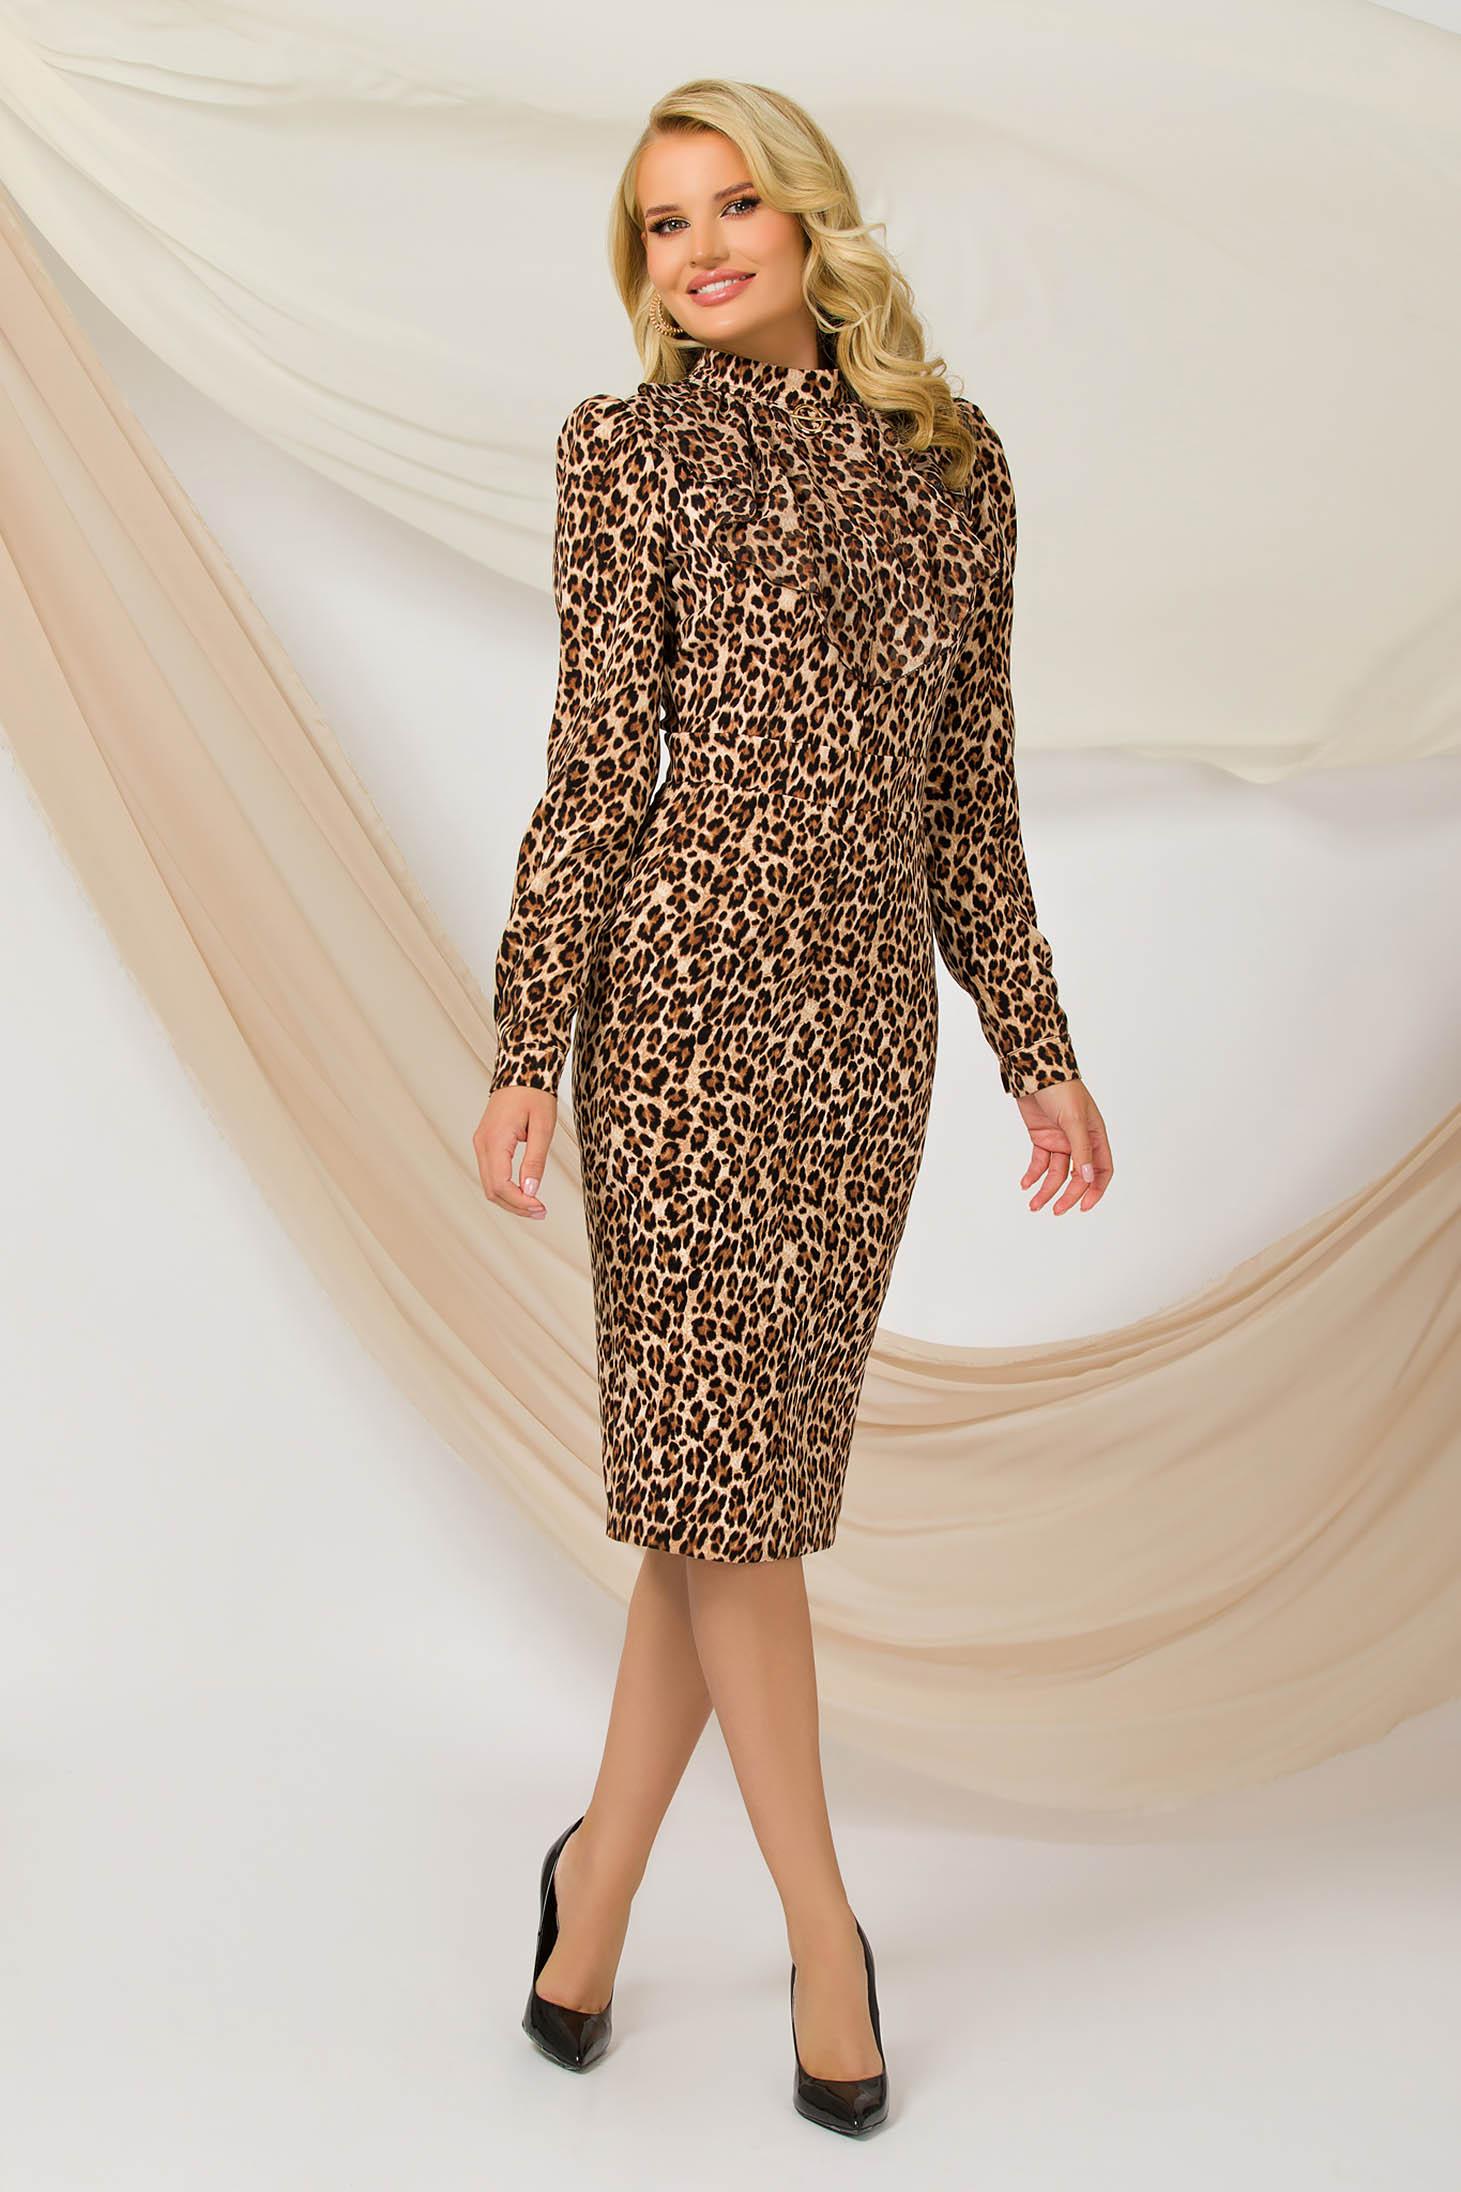 Dress office midi pencil nonelastic fabric animal print accessorized with breastpin